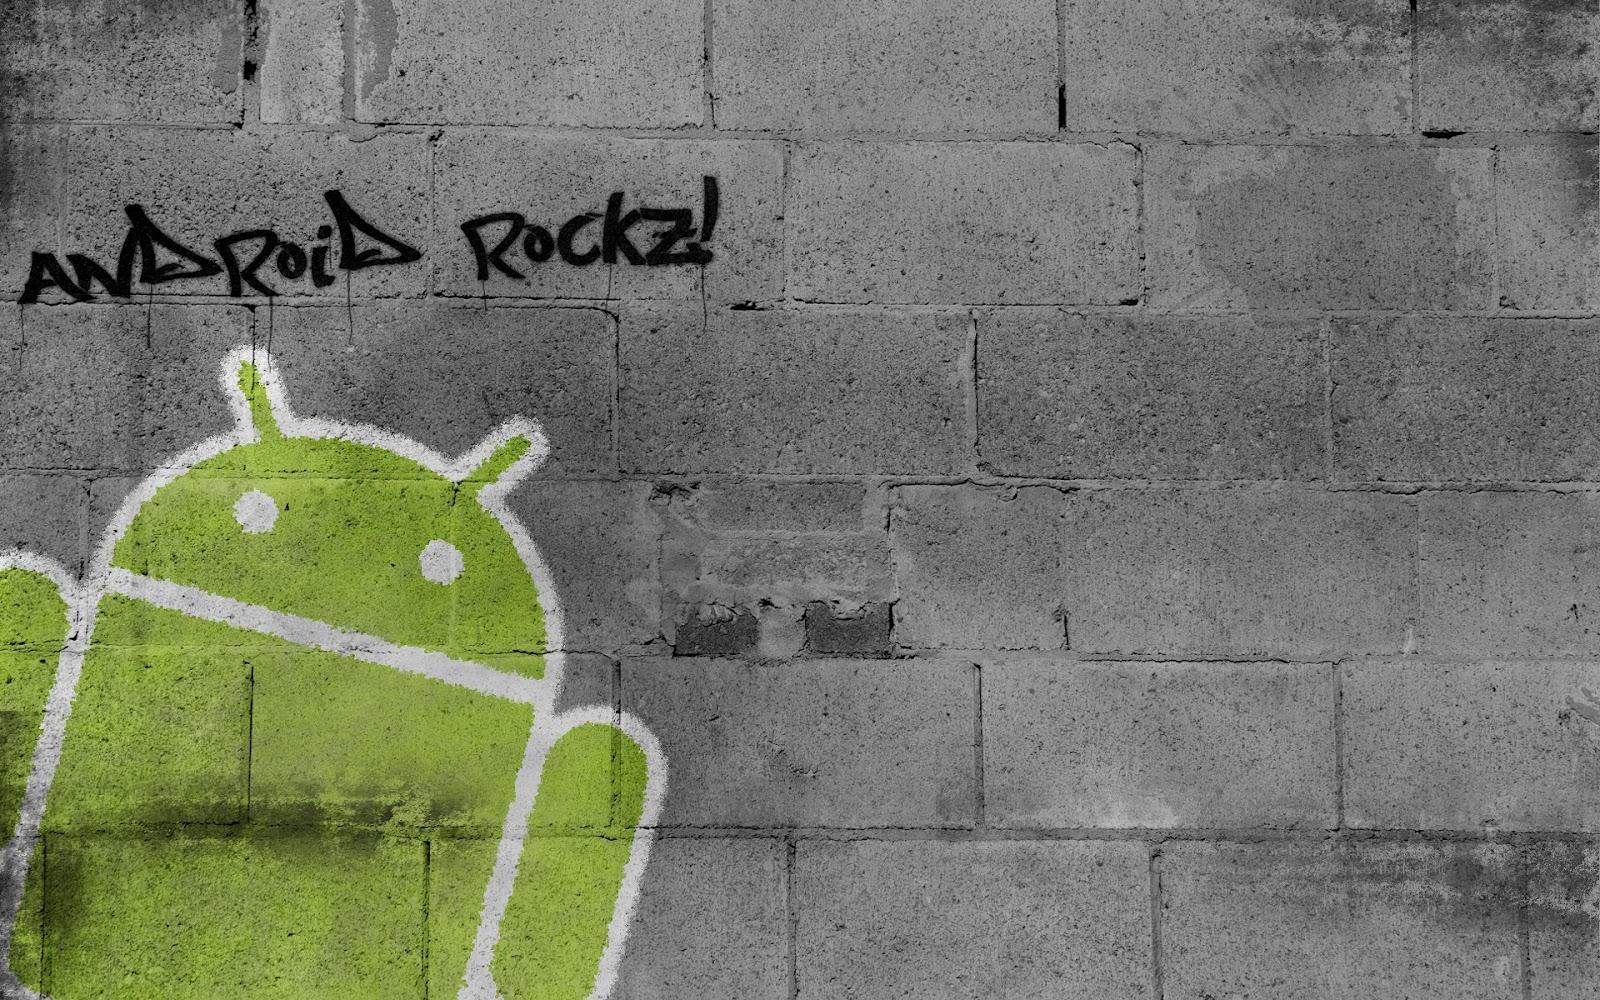 http://4.bp.blogspot.com/-ysoH7_7DLaU/T9Iom4GvGHI/AAAAAAAACjE/dCTGqVG-zOk/s1600/android_graffiti_hd_widescreen_wallpapers_1920x1200+(www.hqwallpaperslk.blogspot.com).jpeg